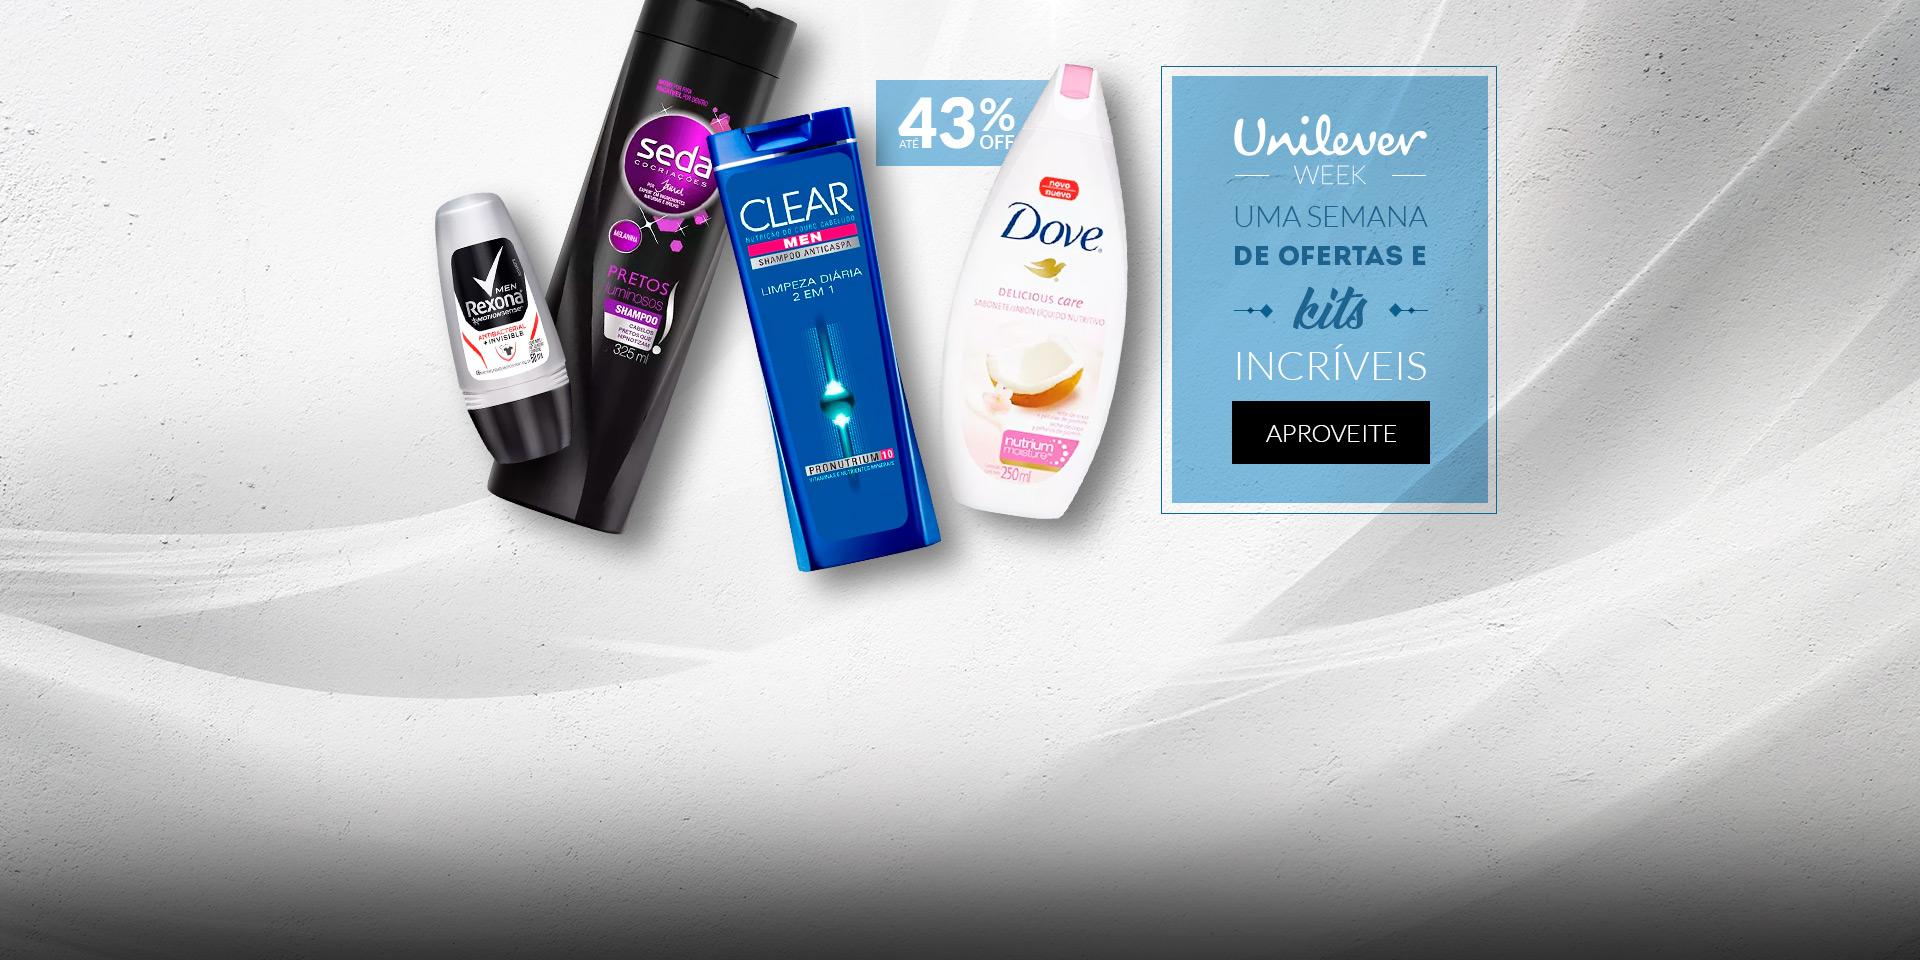 Unilever Week